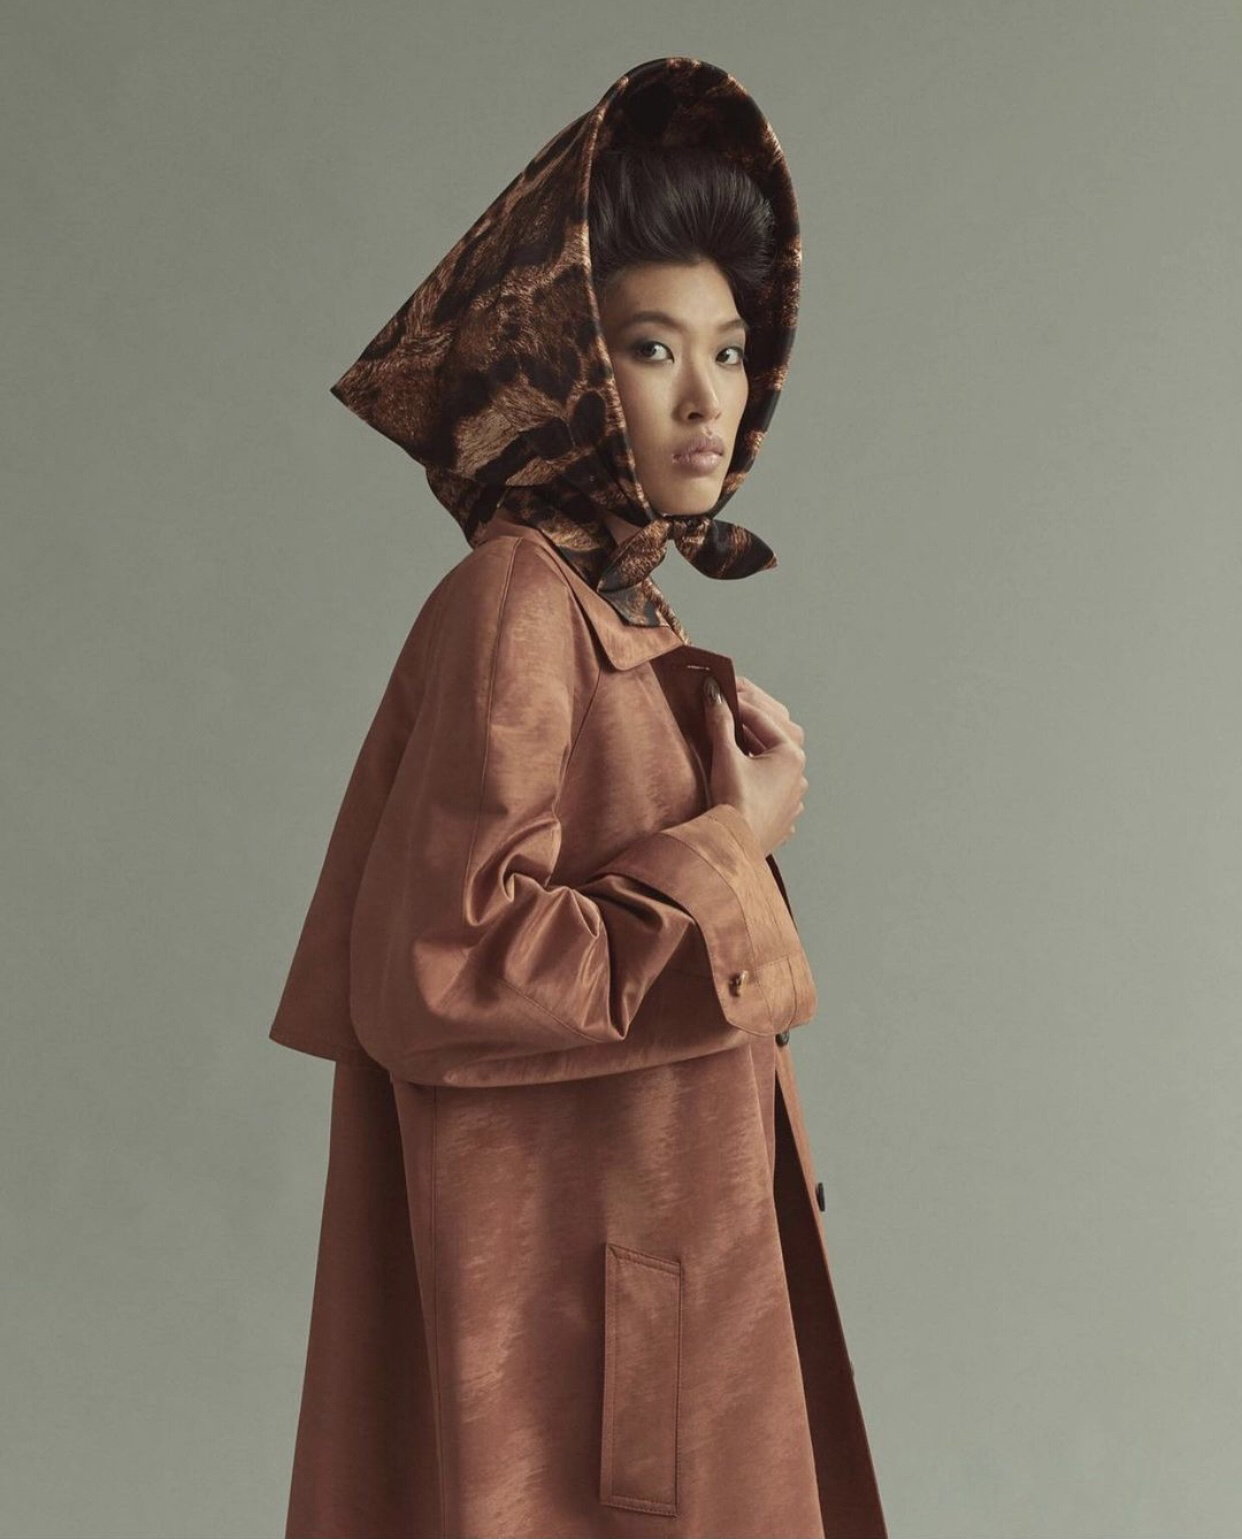 Phương Oanh Next Top xuất hiện trên trang chủ của thương hiệu xa xỉ Gucci